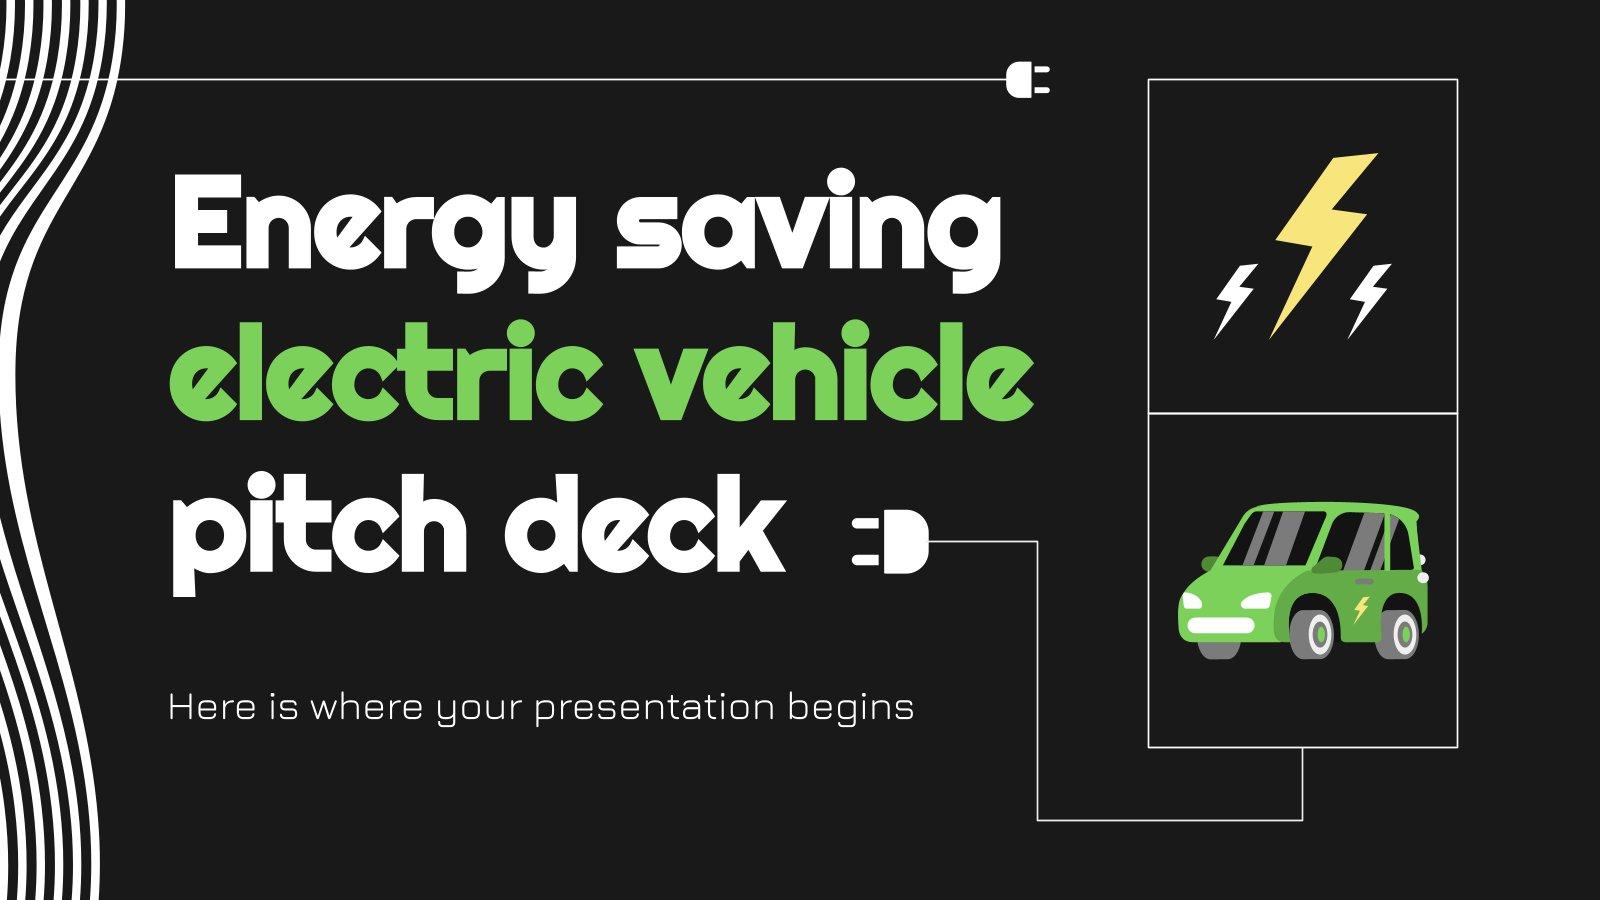 Modelo de apresentação Pitch deck de veículo elétrico de baixo consumo